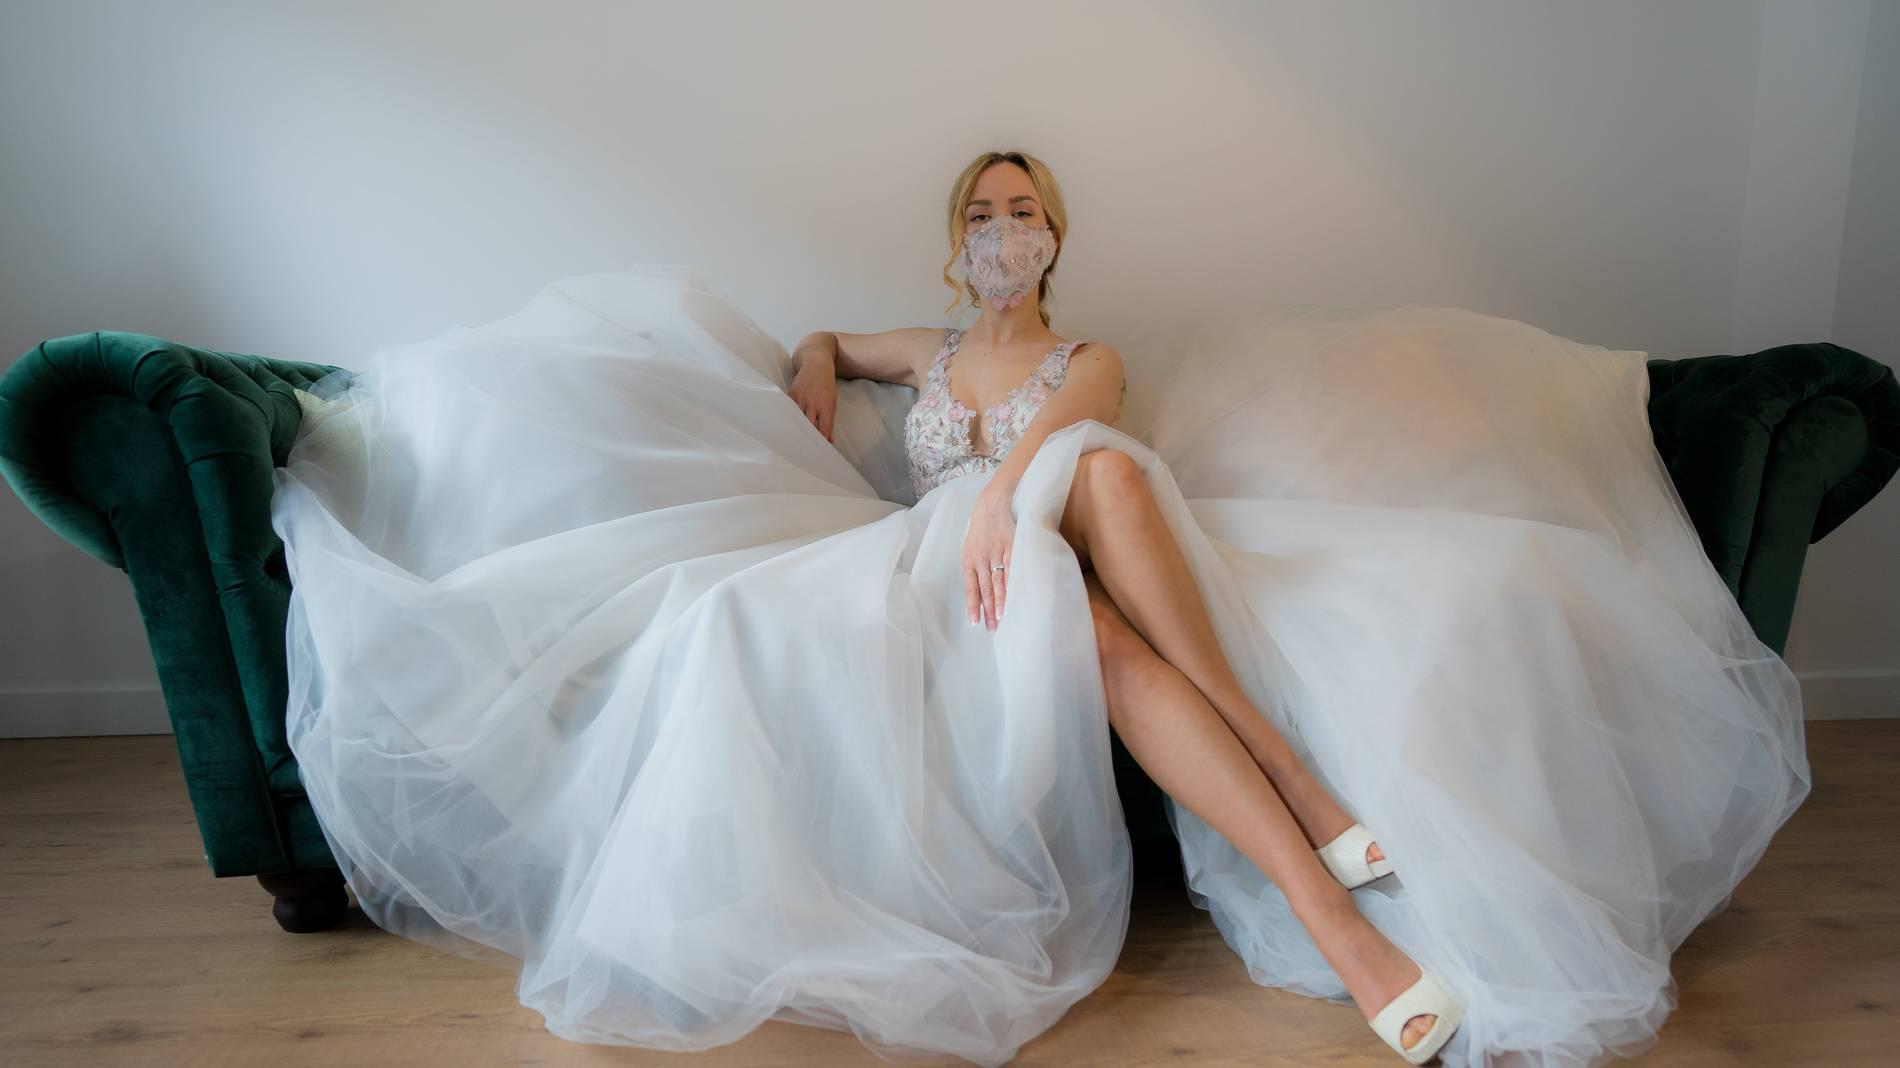 heiraten in corona-zeiten:bräute tragen mund-nasen